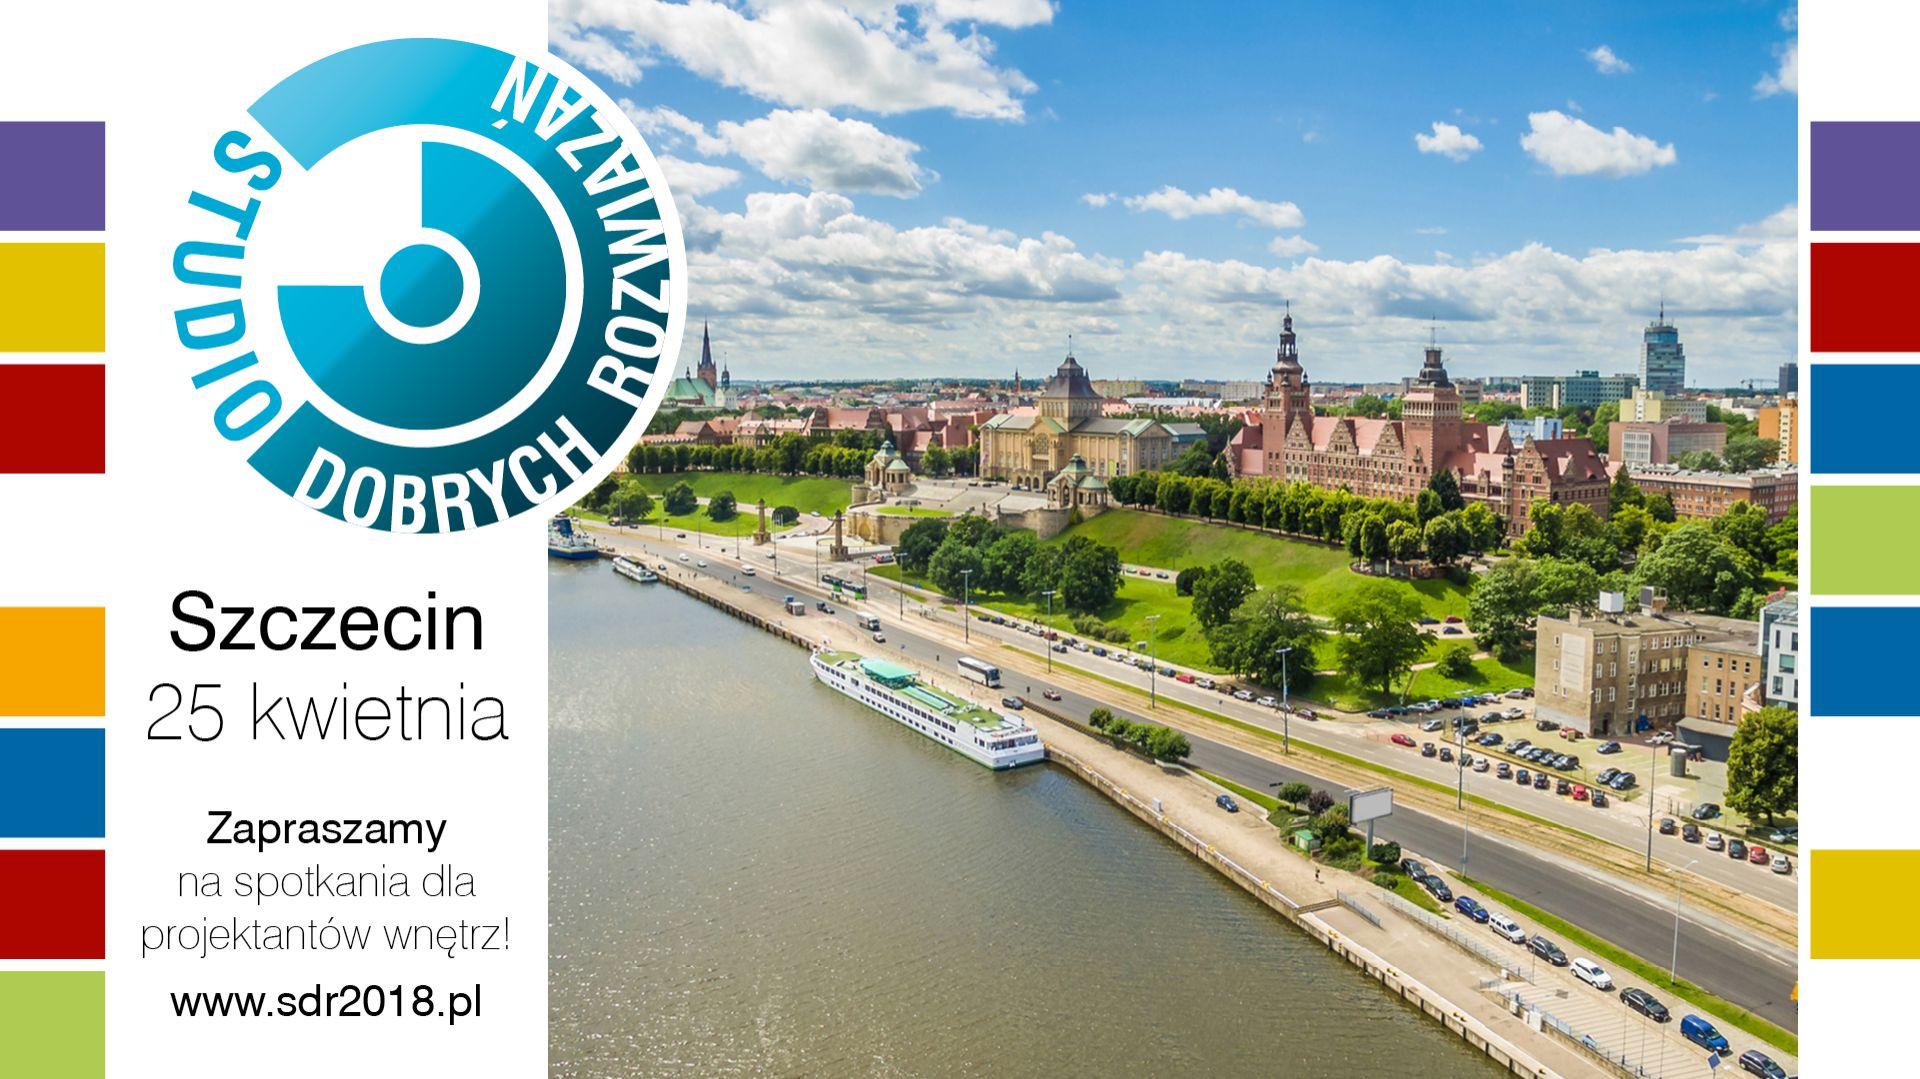 sdr2018 Szczecin.png